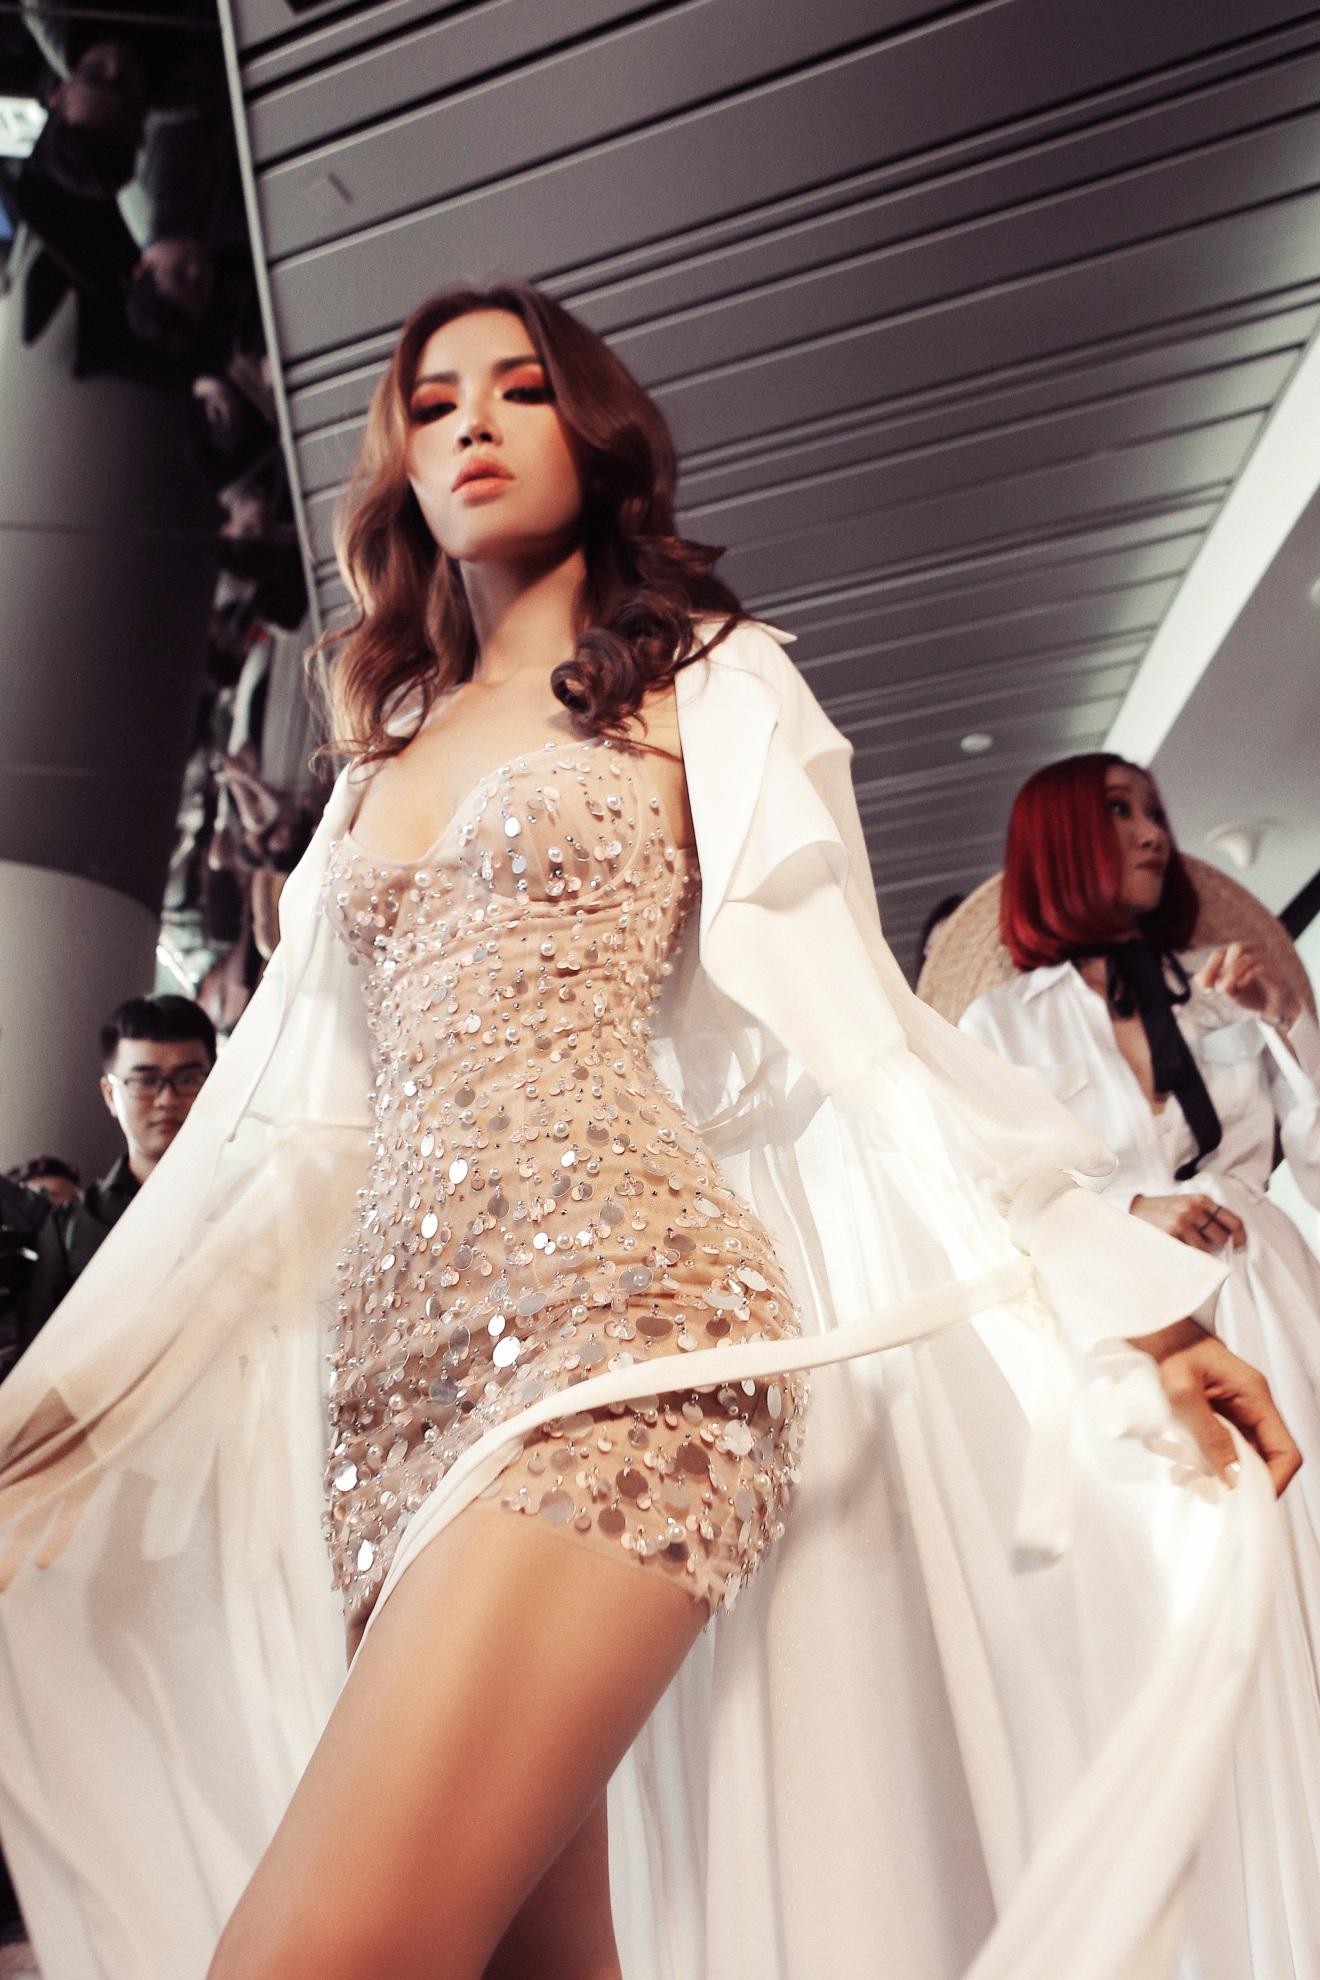 Sau fashion show cực thành công, NTK Chung Thanh Phong bất ngờ tiết lộ bí mật sau hậu trường - Ảnh 11.